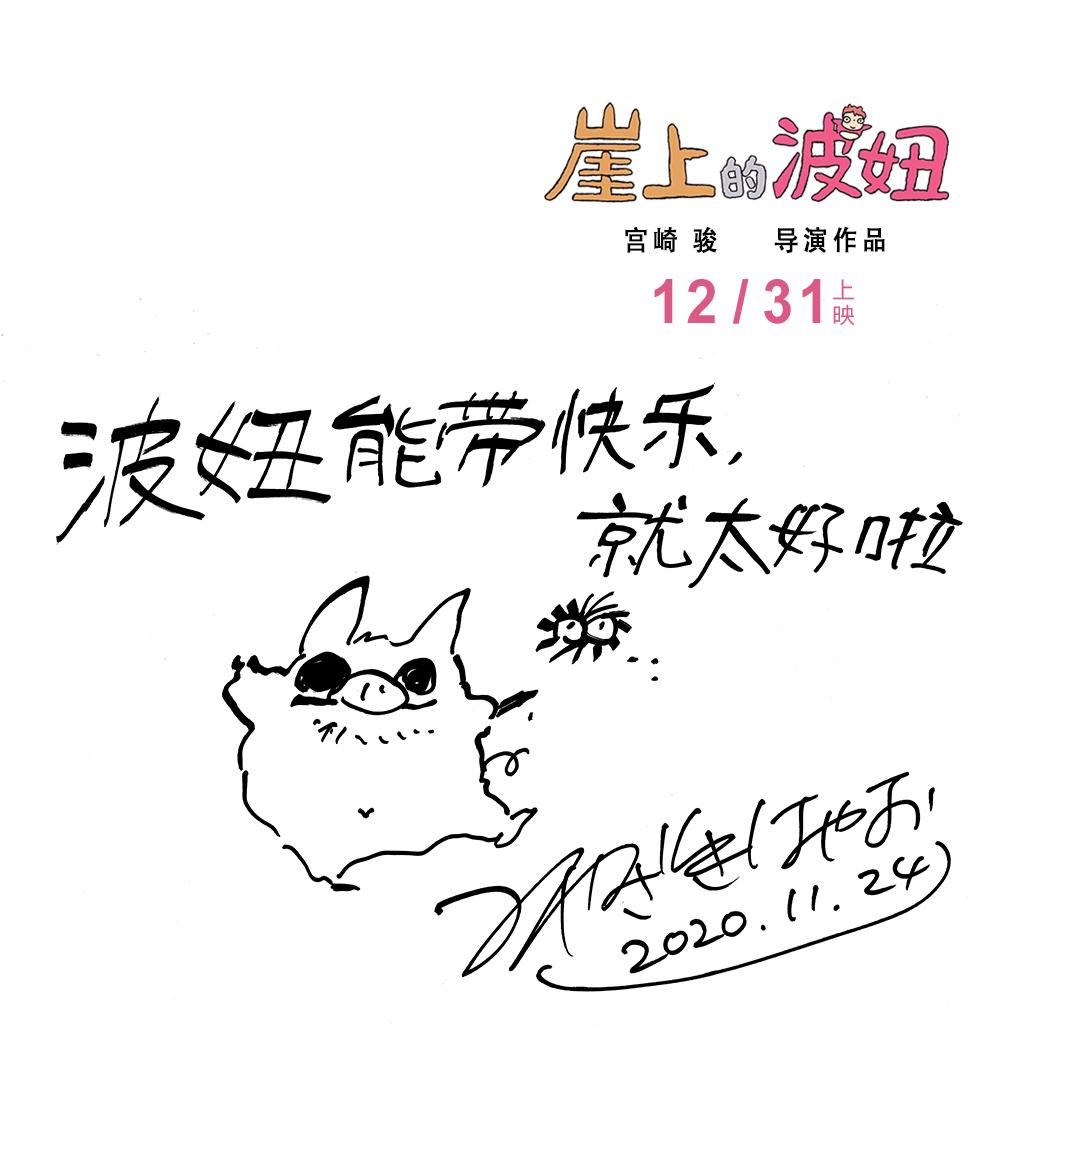 动画电影《悬崖上的金鱼姬》内地定档12月31日上映,宫崎骏手写信公开 插图1